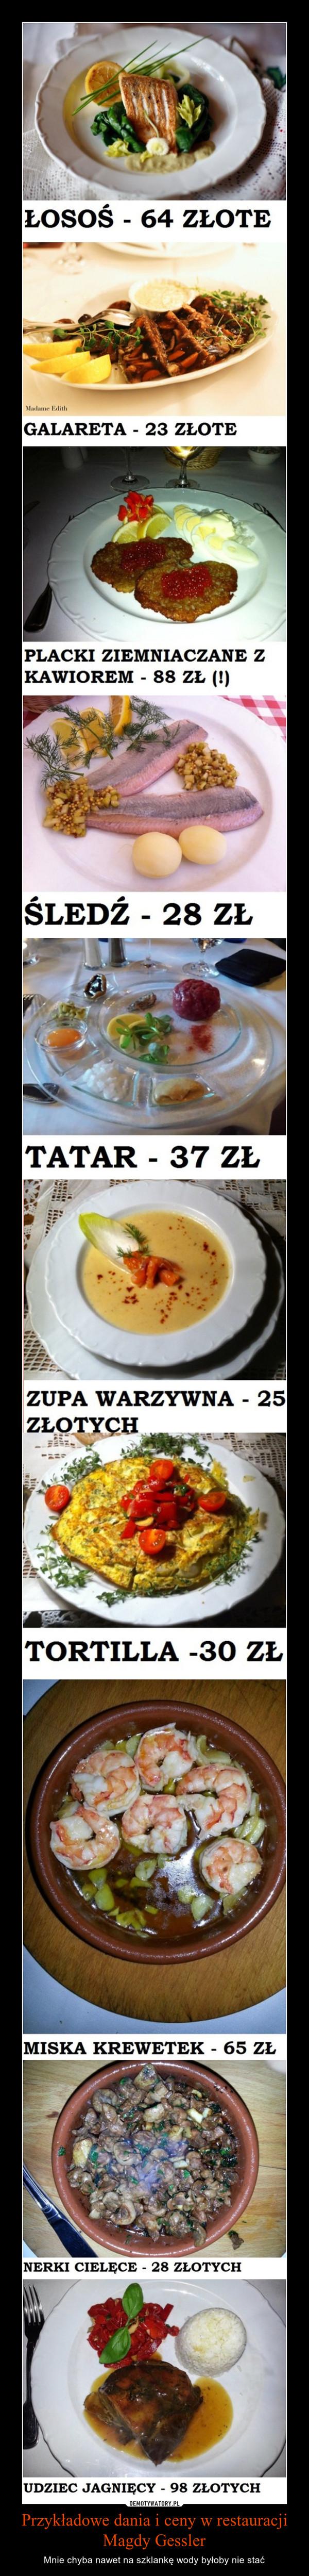 Przykładowe dania i ceny w restauracji Magdy Gessler – Mnie chyba nawet na szklankę wody byłoby nie stać ŁOSOŚ 64 ZŁOTE Umilmy GALARETA - 23 ZŁOTE PLACKI ZIEMNIACZANE Z KAWIOREM - 88 ZŁ (!) ŚLEDŹ 28 ZŁTATAR - 37 ZŁ ZUPA WARZYWNA - 25 TORTILLA -30 ZŁ MISKA KREWETEK - 65 ZŁ VERKI CIELĘCE - 28 ZŁOTYCH UDZIEC JAGNIĘCY - 98 ZŁOTYCH